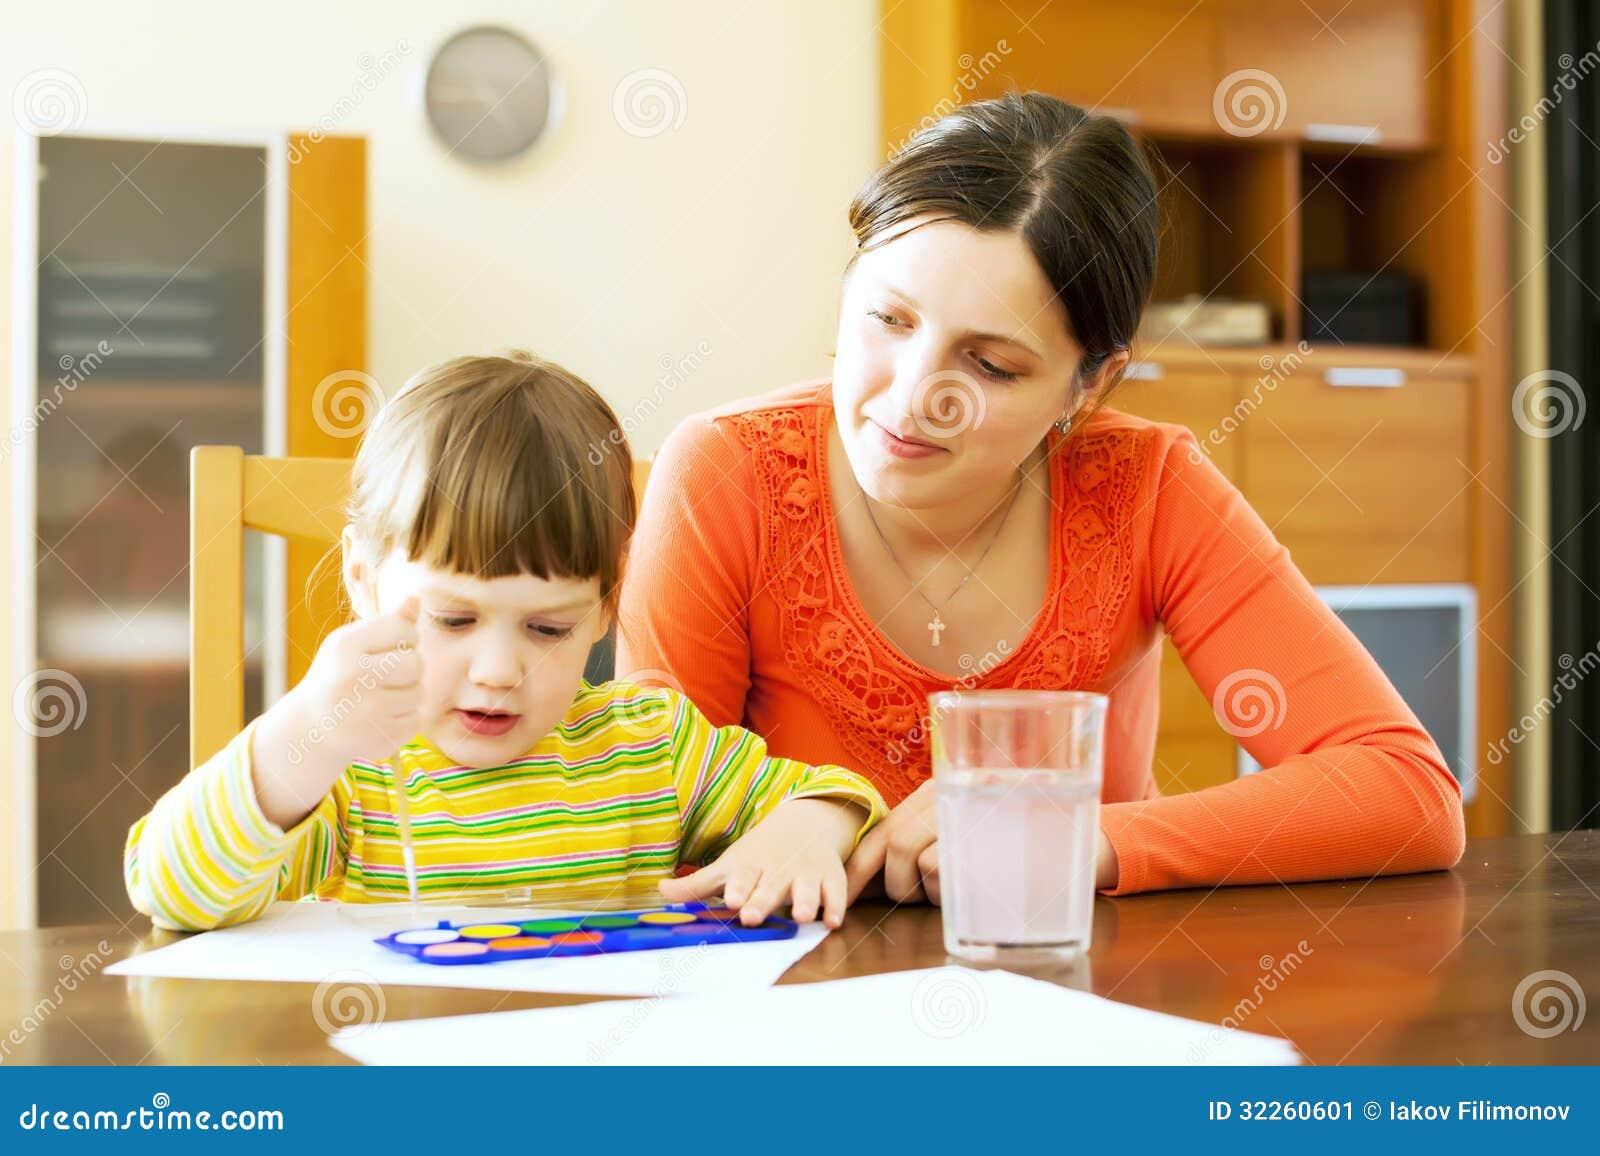 Jonge vrouw en haar kind die met waterverf schilderen stock afbeelding afbeelding 32260601 - Schilderen kind jongen ...